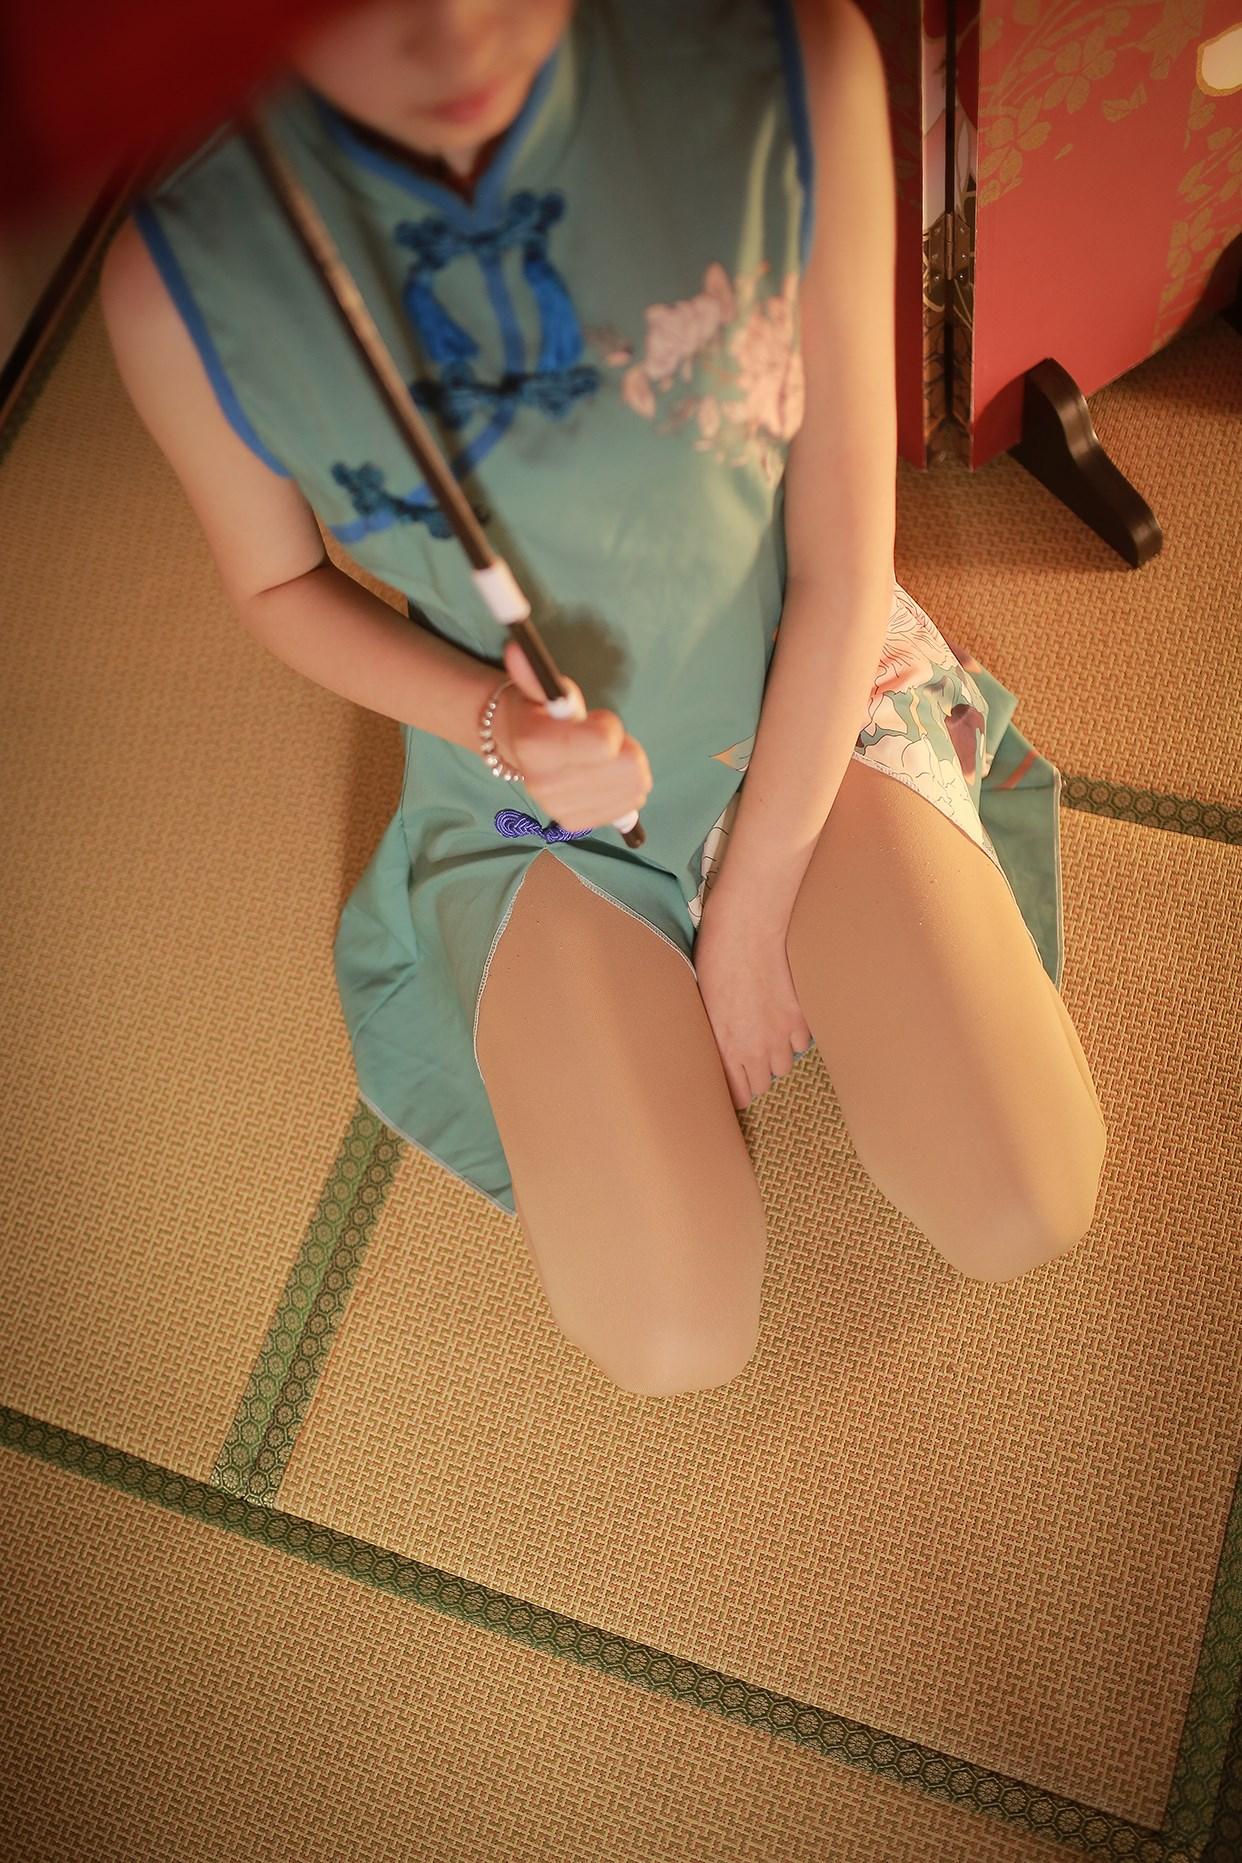 【兔玩映画】伞下的旗袍少女 兔玩映画 第13张